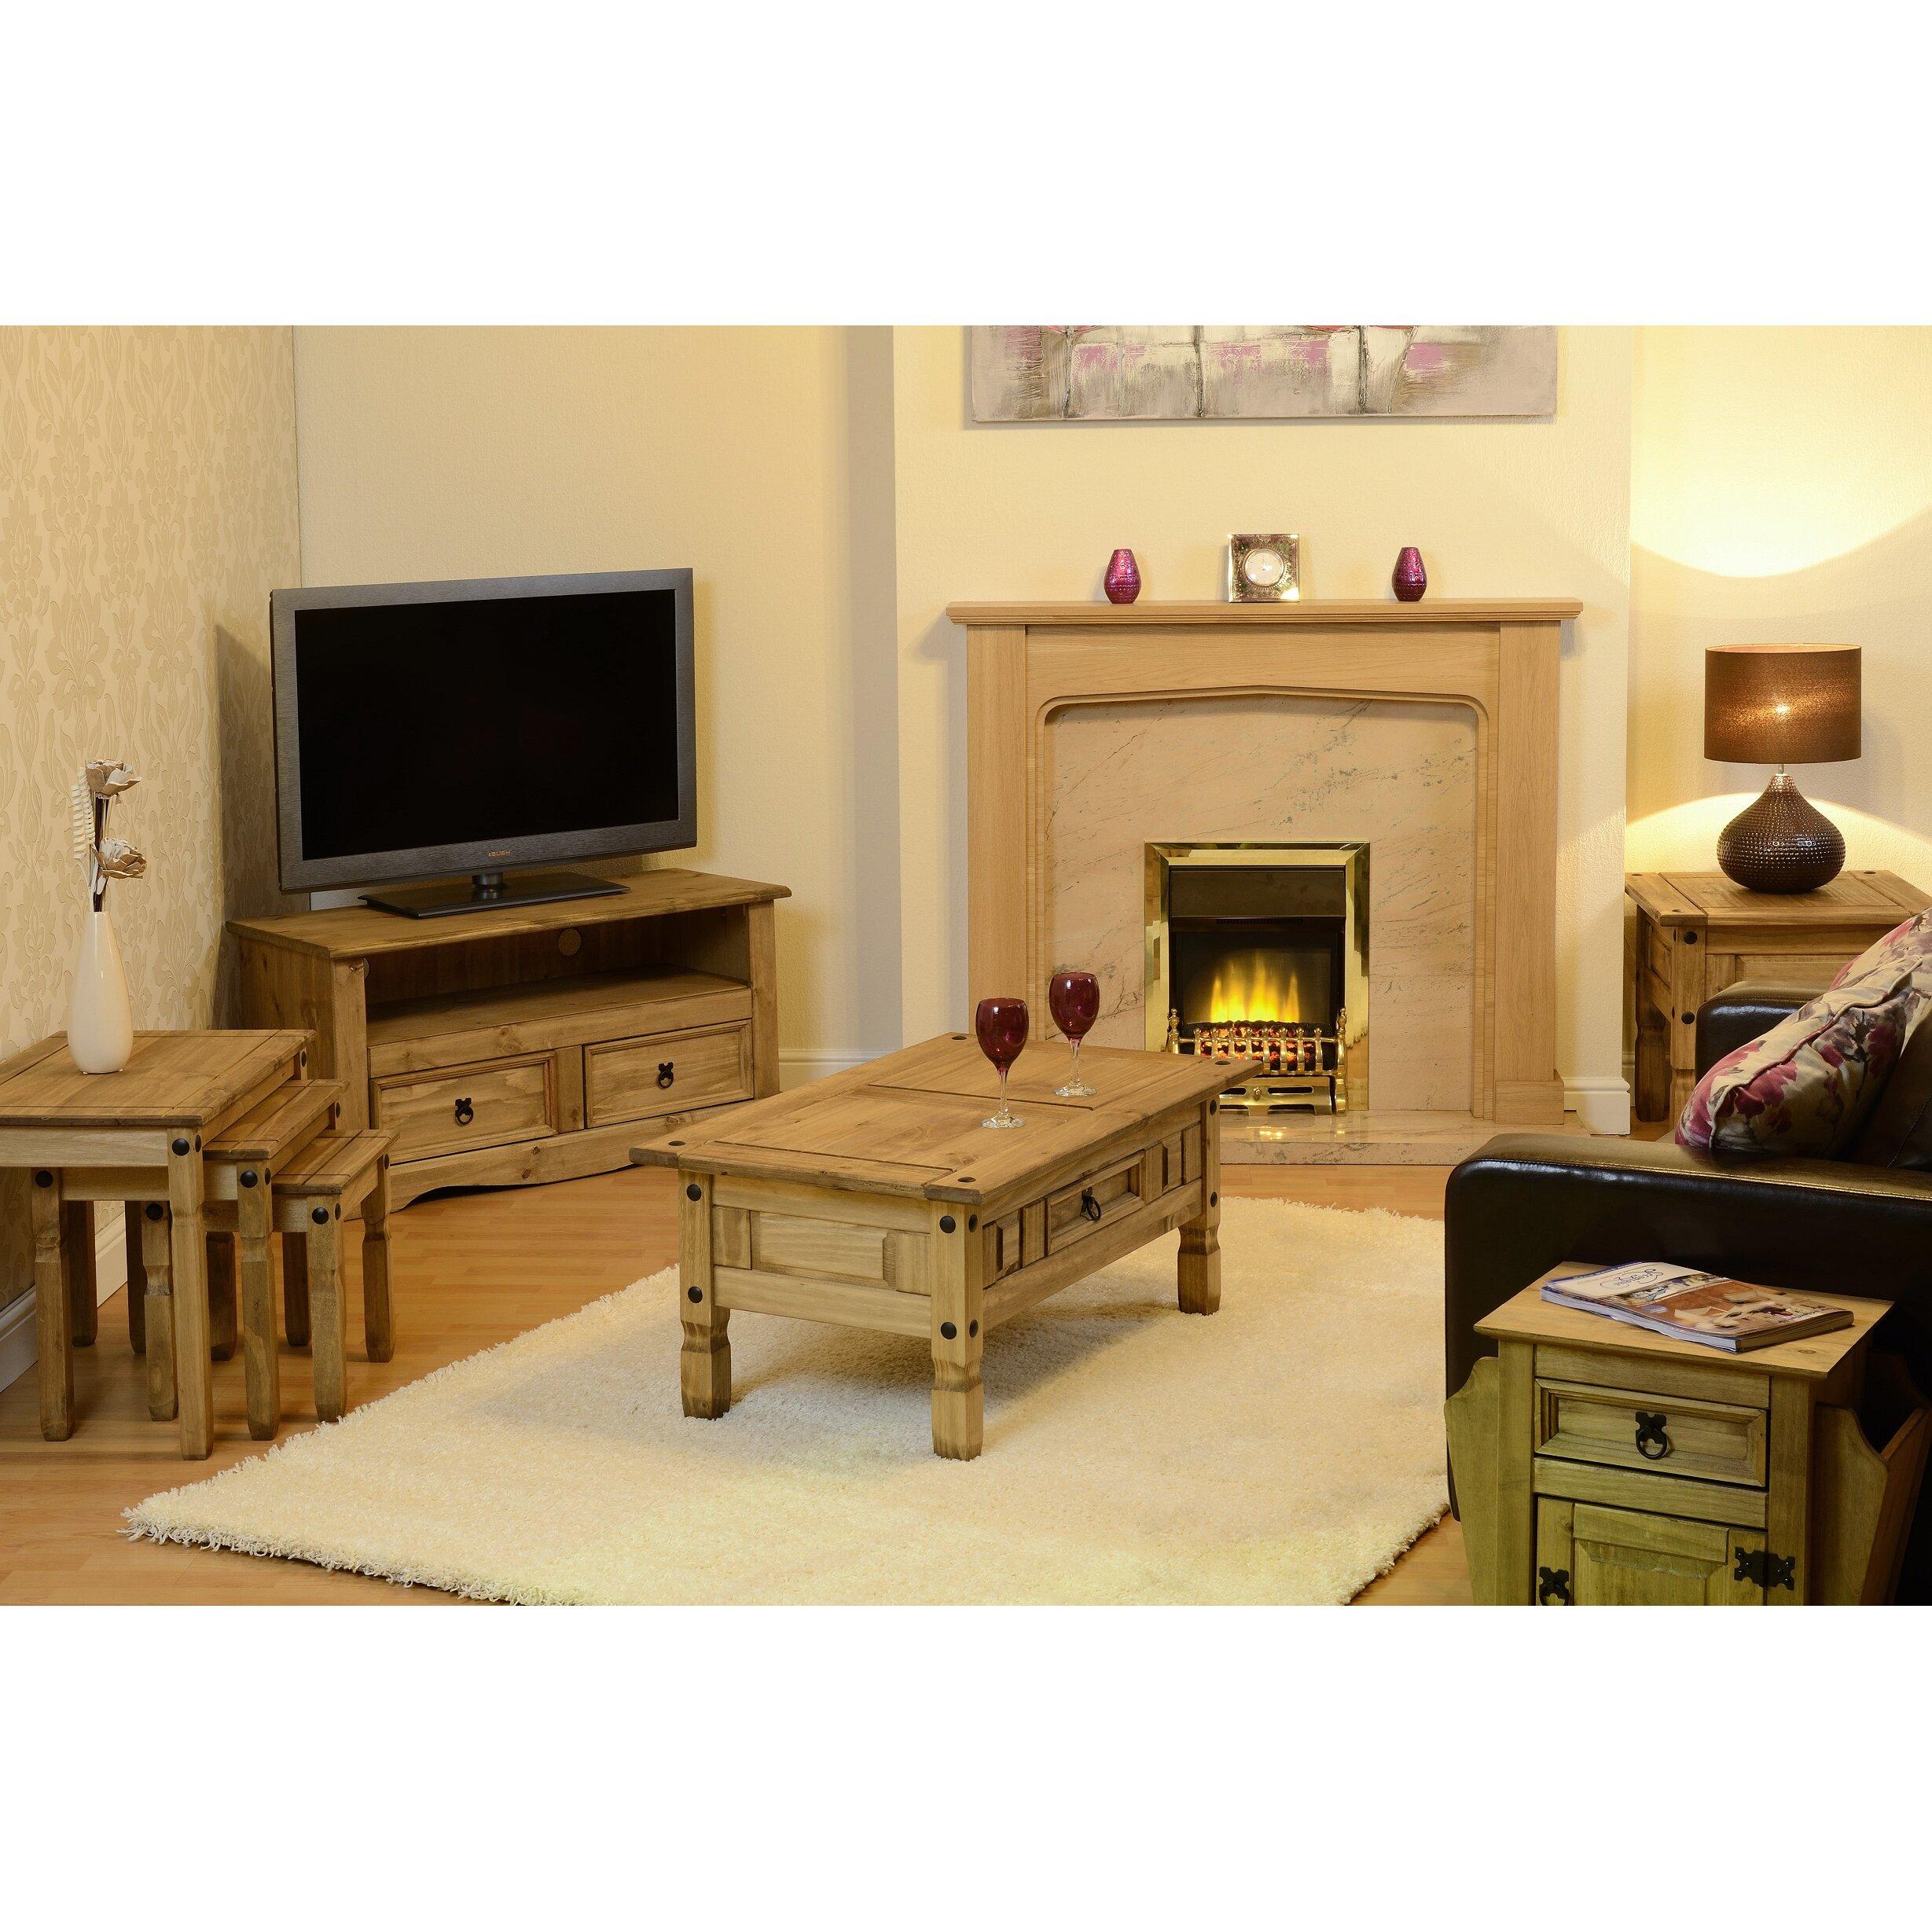 schrank um tv zu verstecken inspirierendes. Black Bedroom Furniture Sets. Home Design Ideas